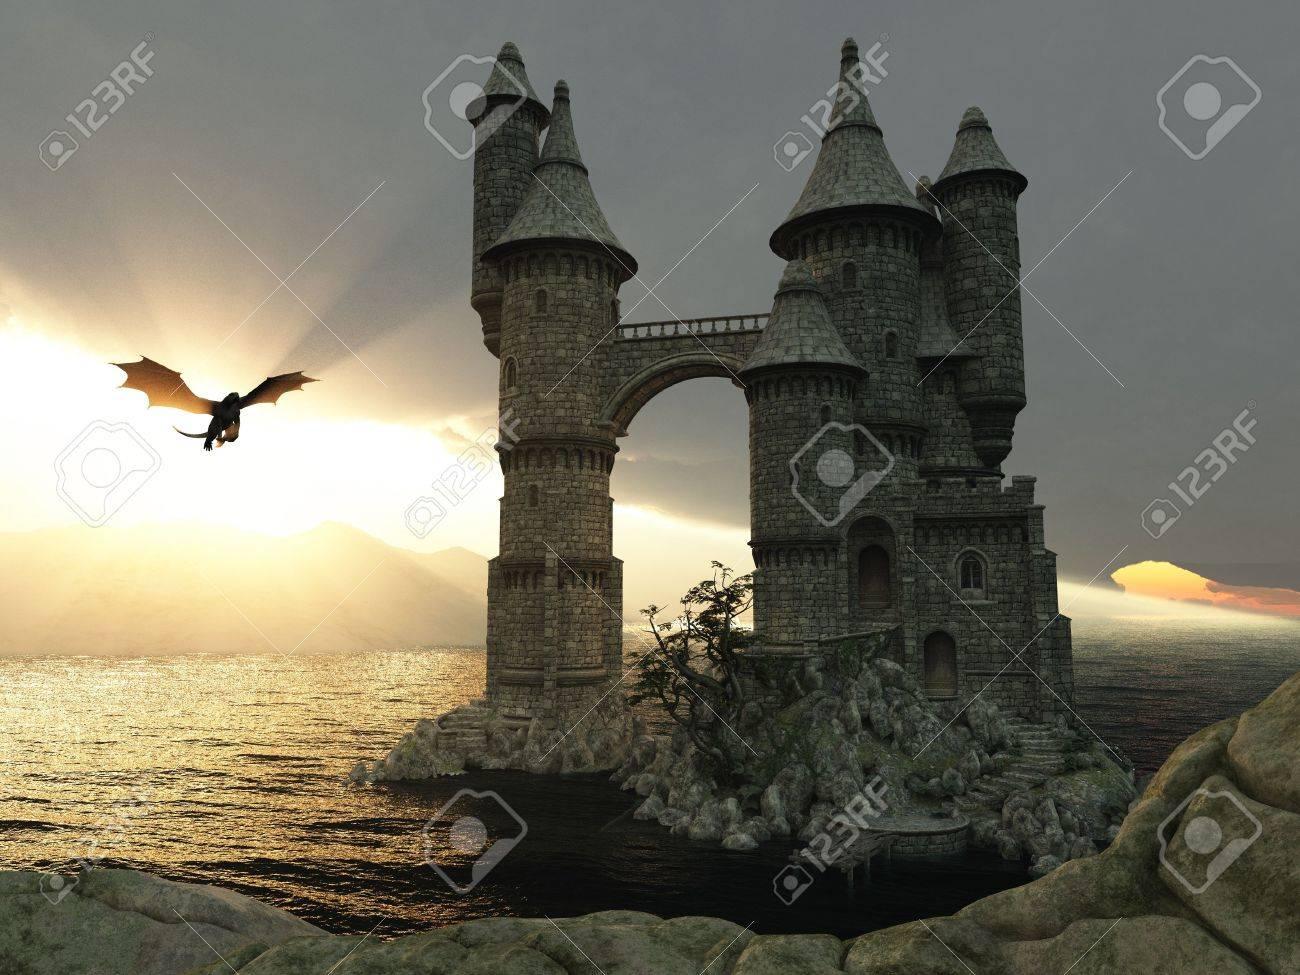 おとぎ話の城と飛龍 3 D イラスト ファンタジー風景 の写真素材 画像素材 Image